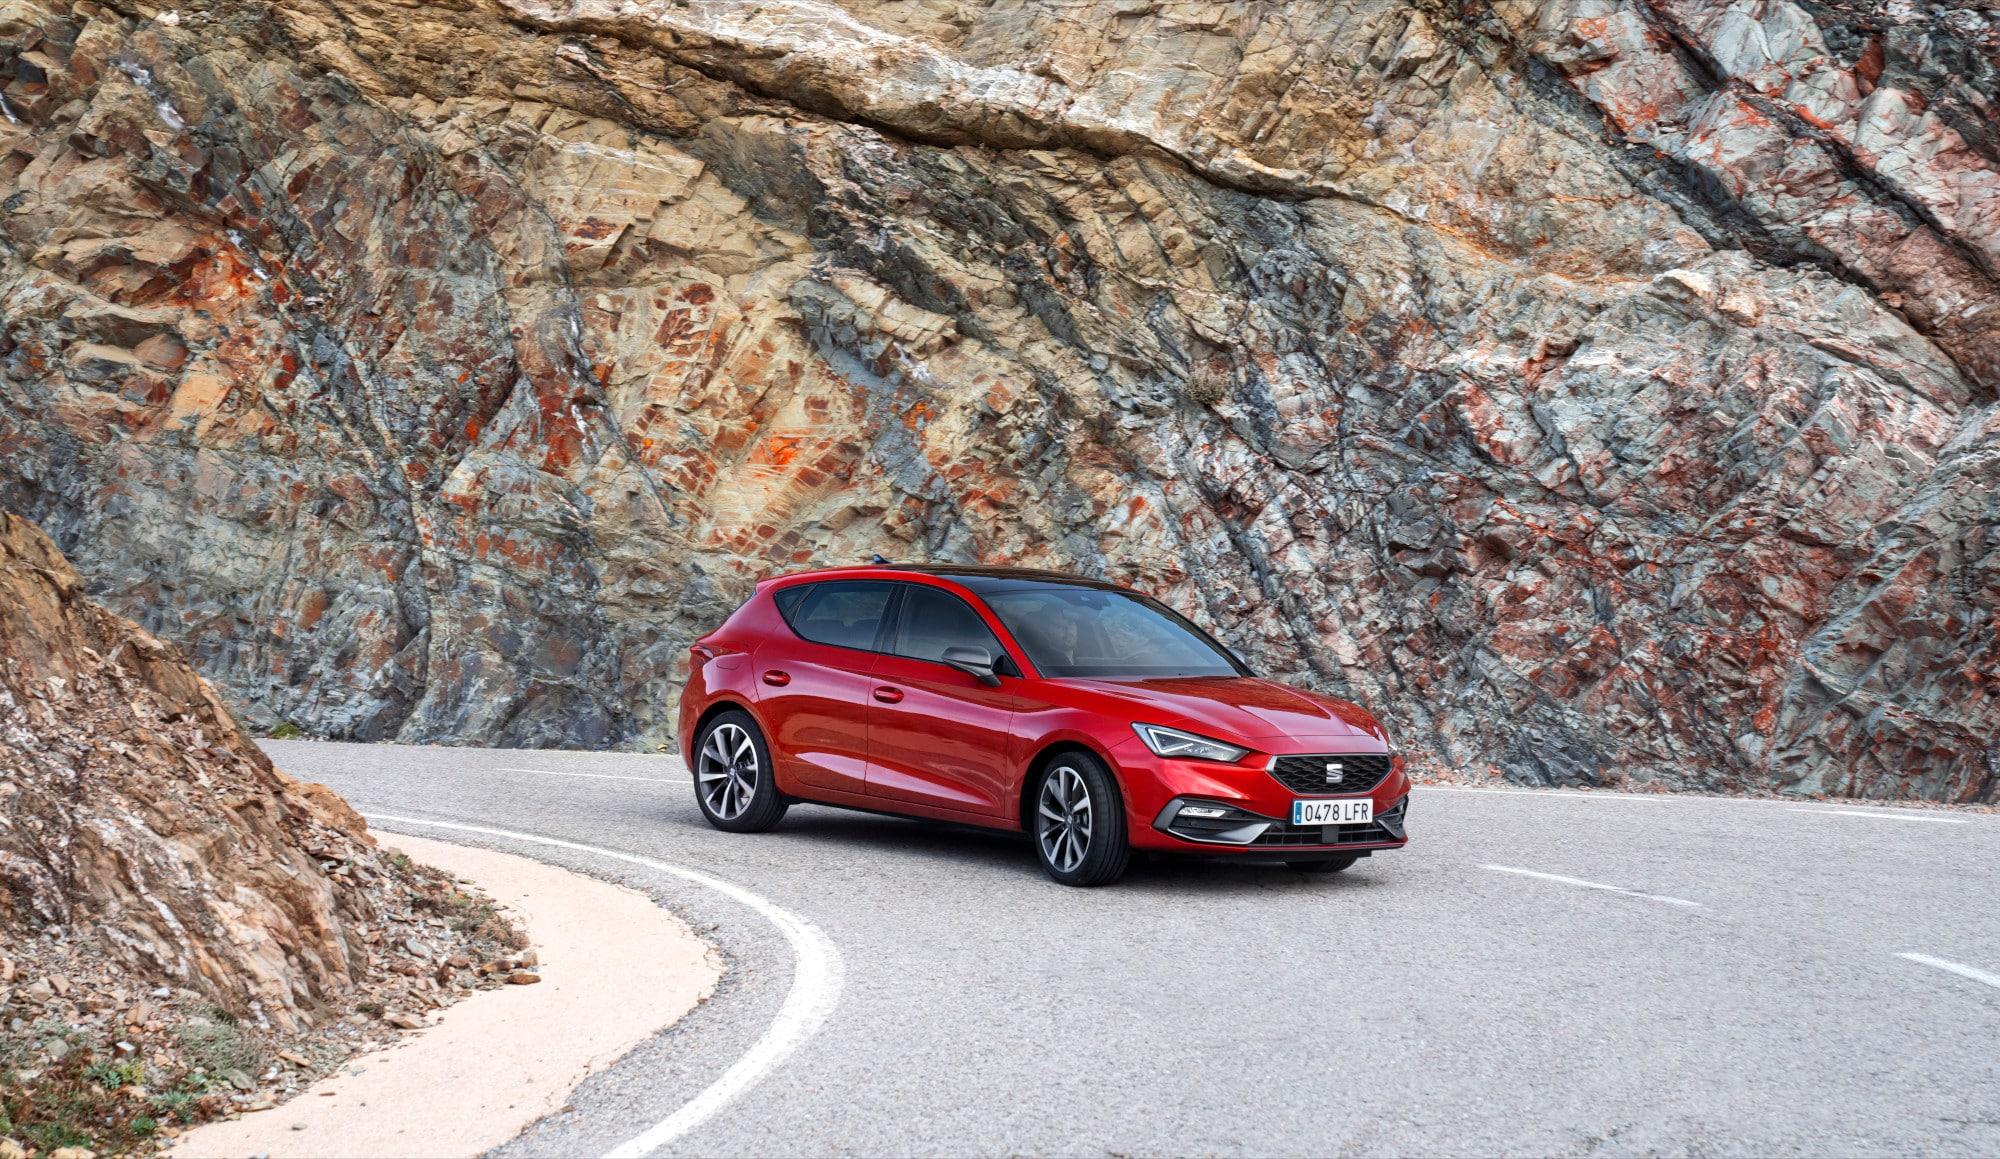 Llega la cuarta generación de SEAT León